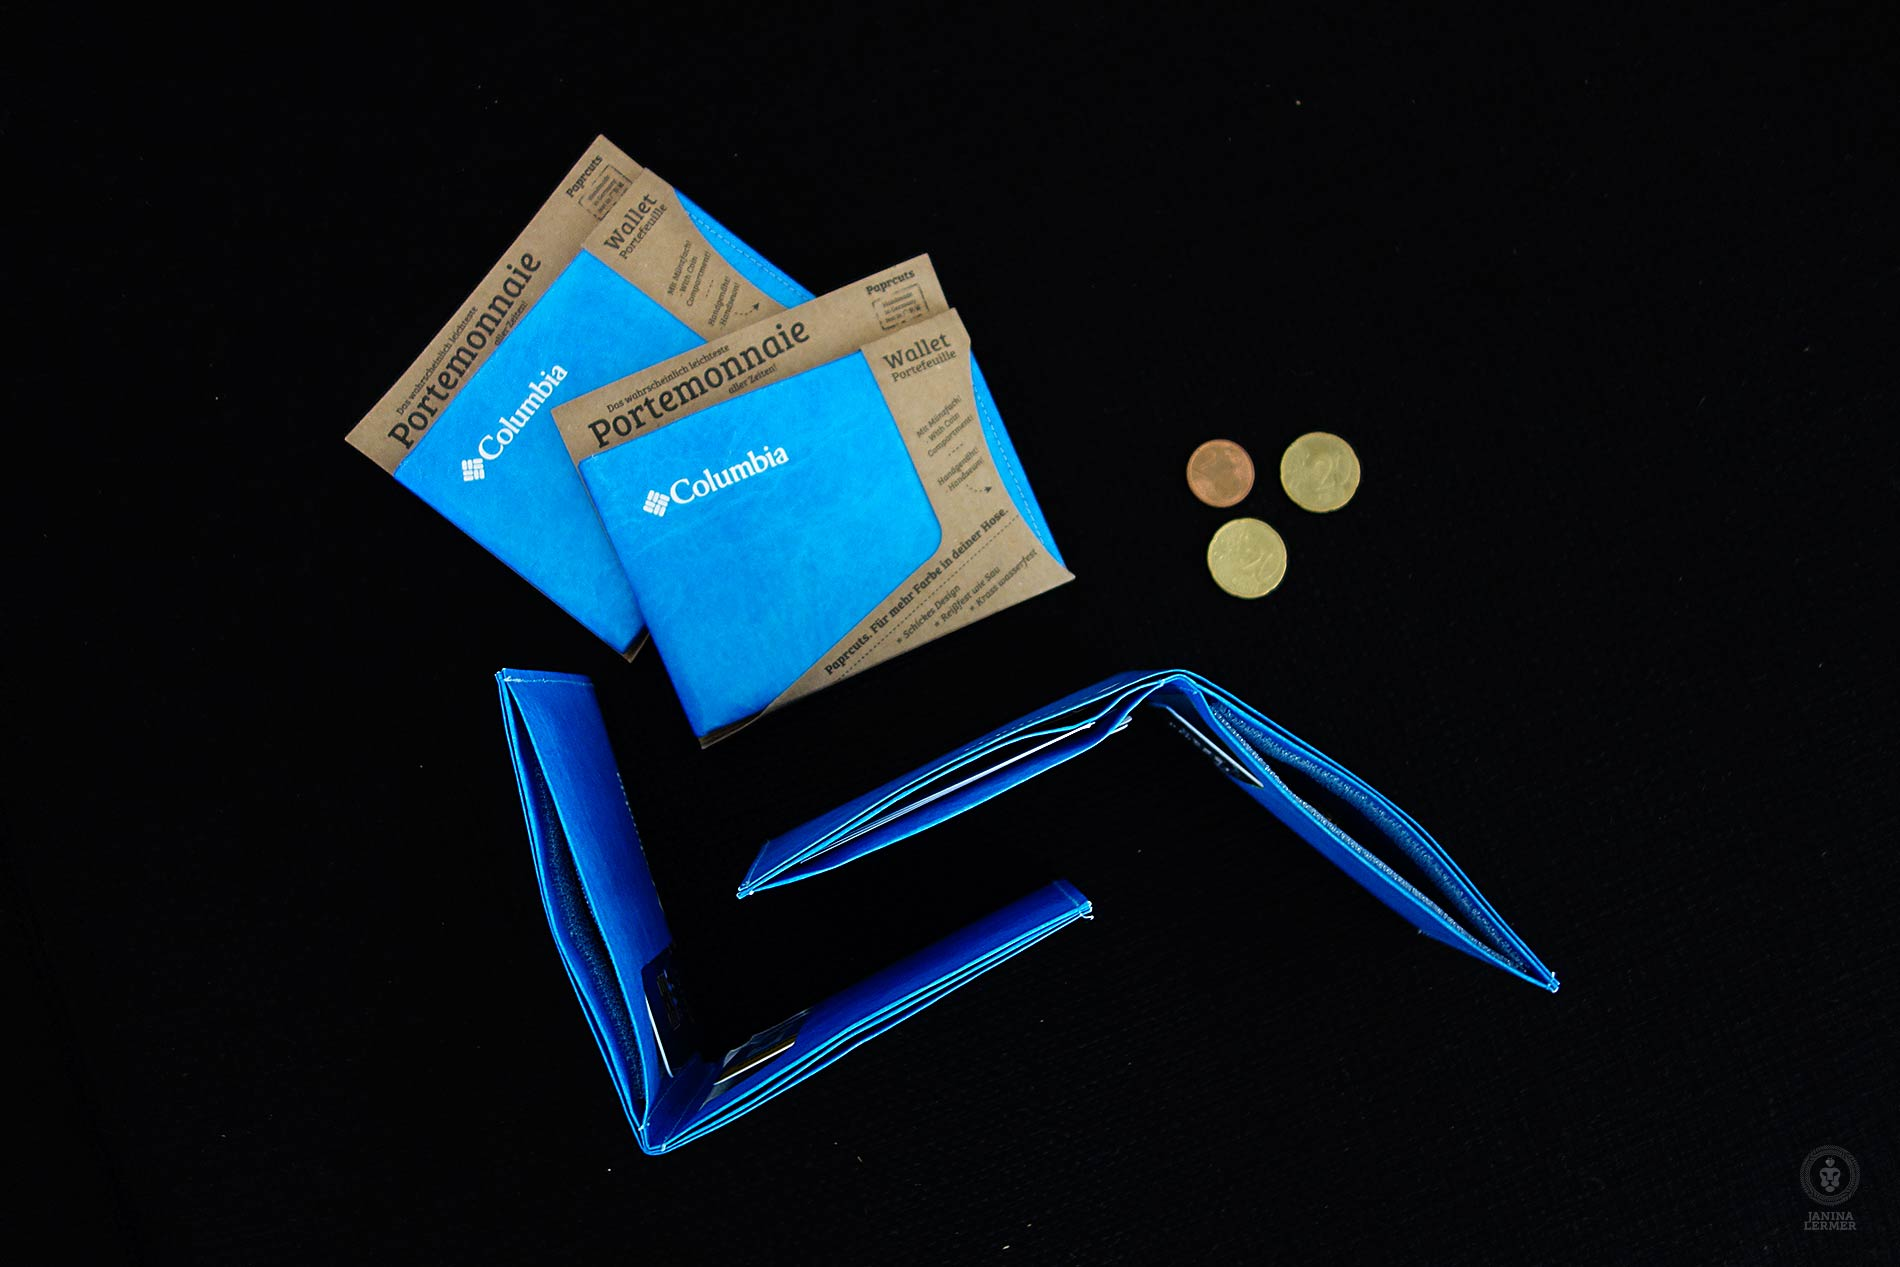 Janina-Lermer-Verpackung-Packaging-Geldbeutel-Wallet-Paprcuts-money-Columbia